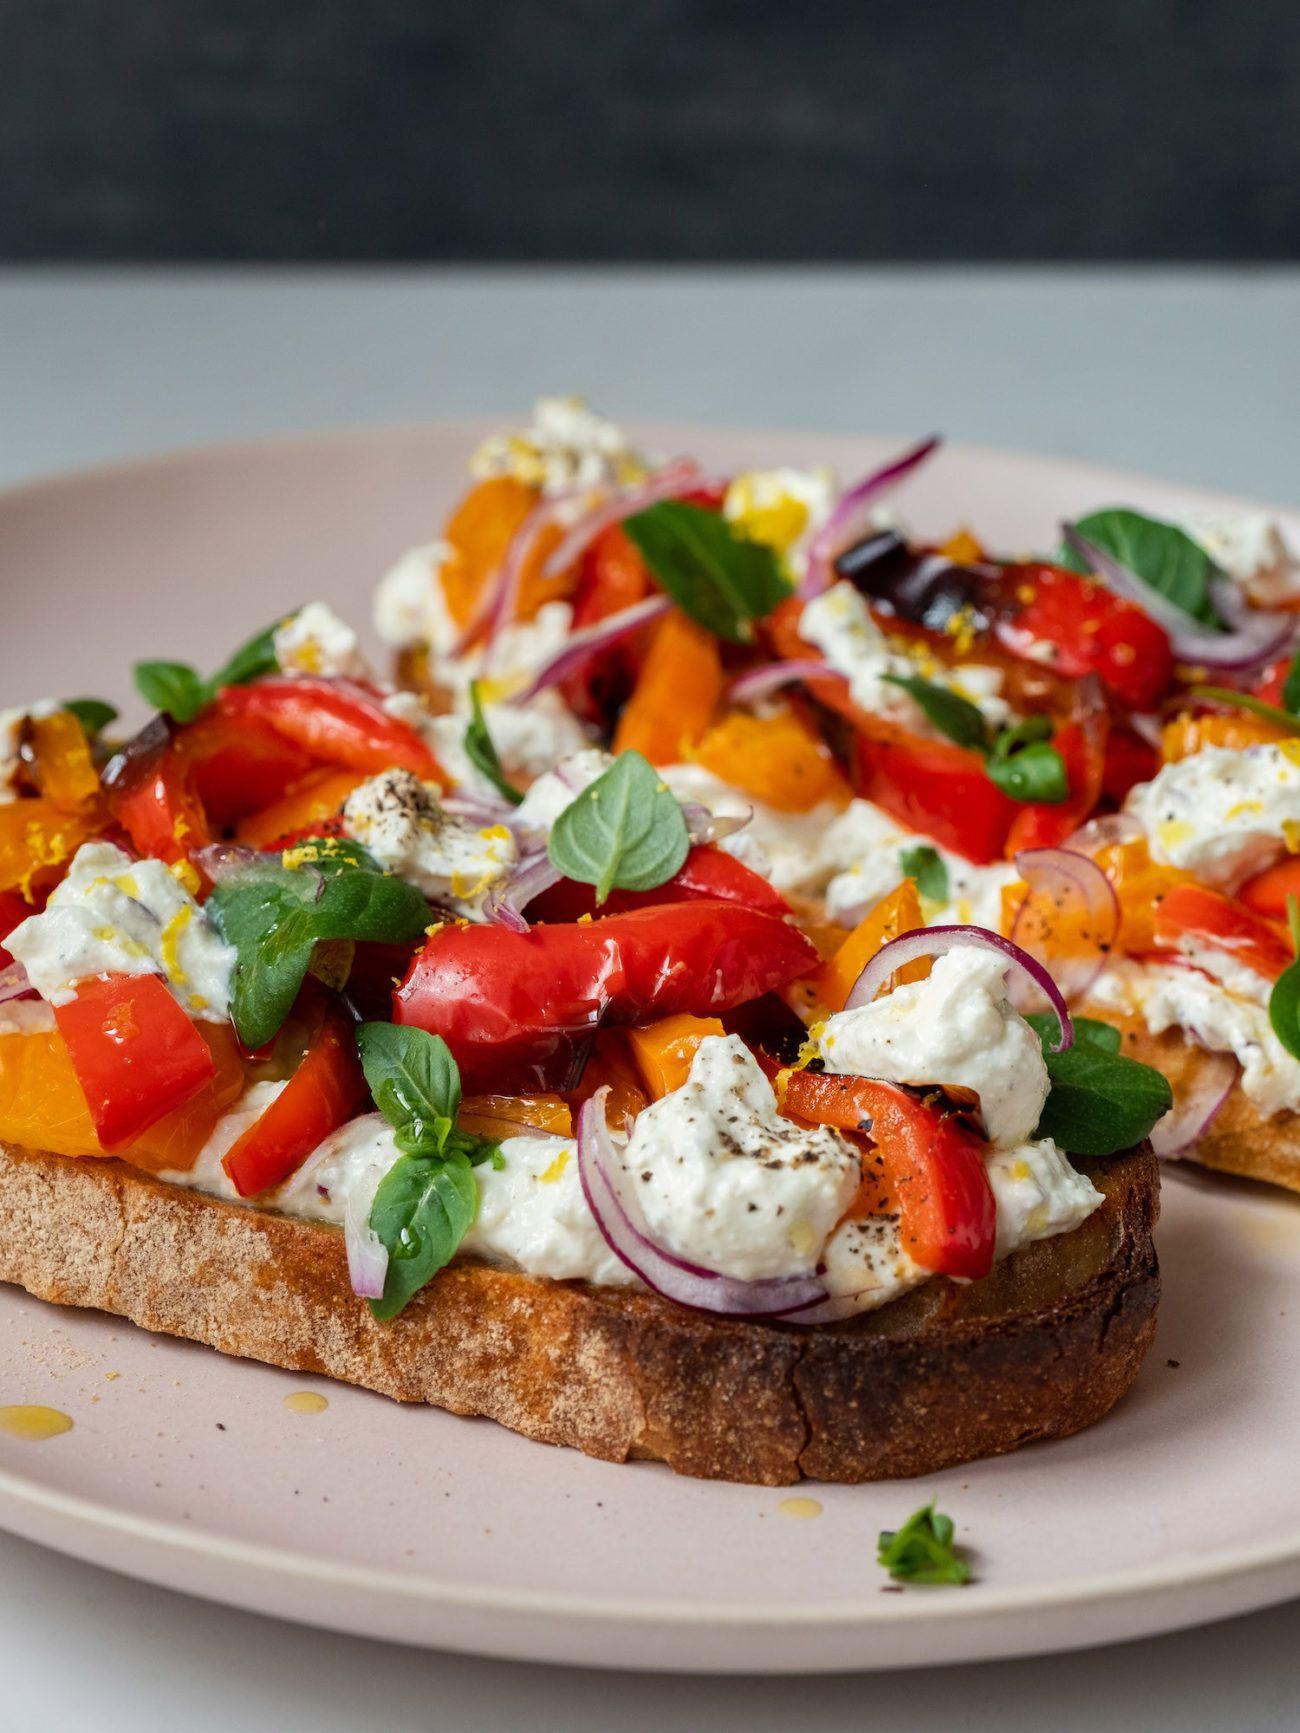 Rezept Sandwich mit Zitronenricotta und gegrillter Paprika, Basilikum, Zitronenzeste, Sauerteigbrot